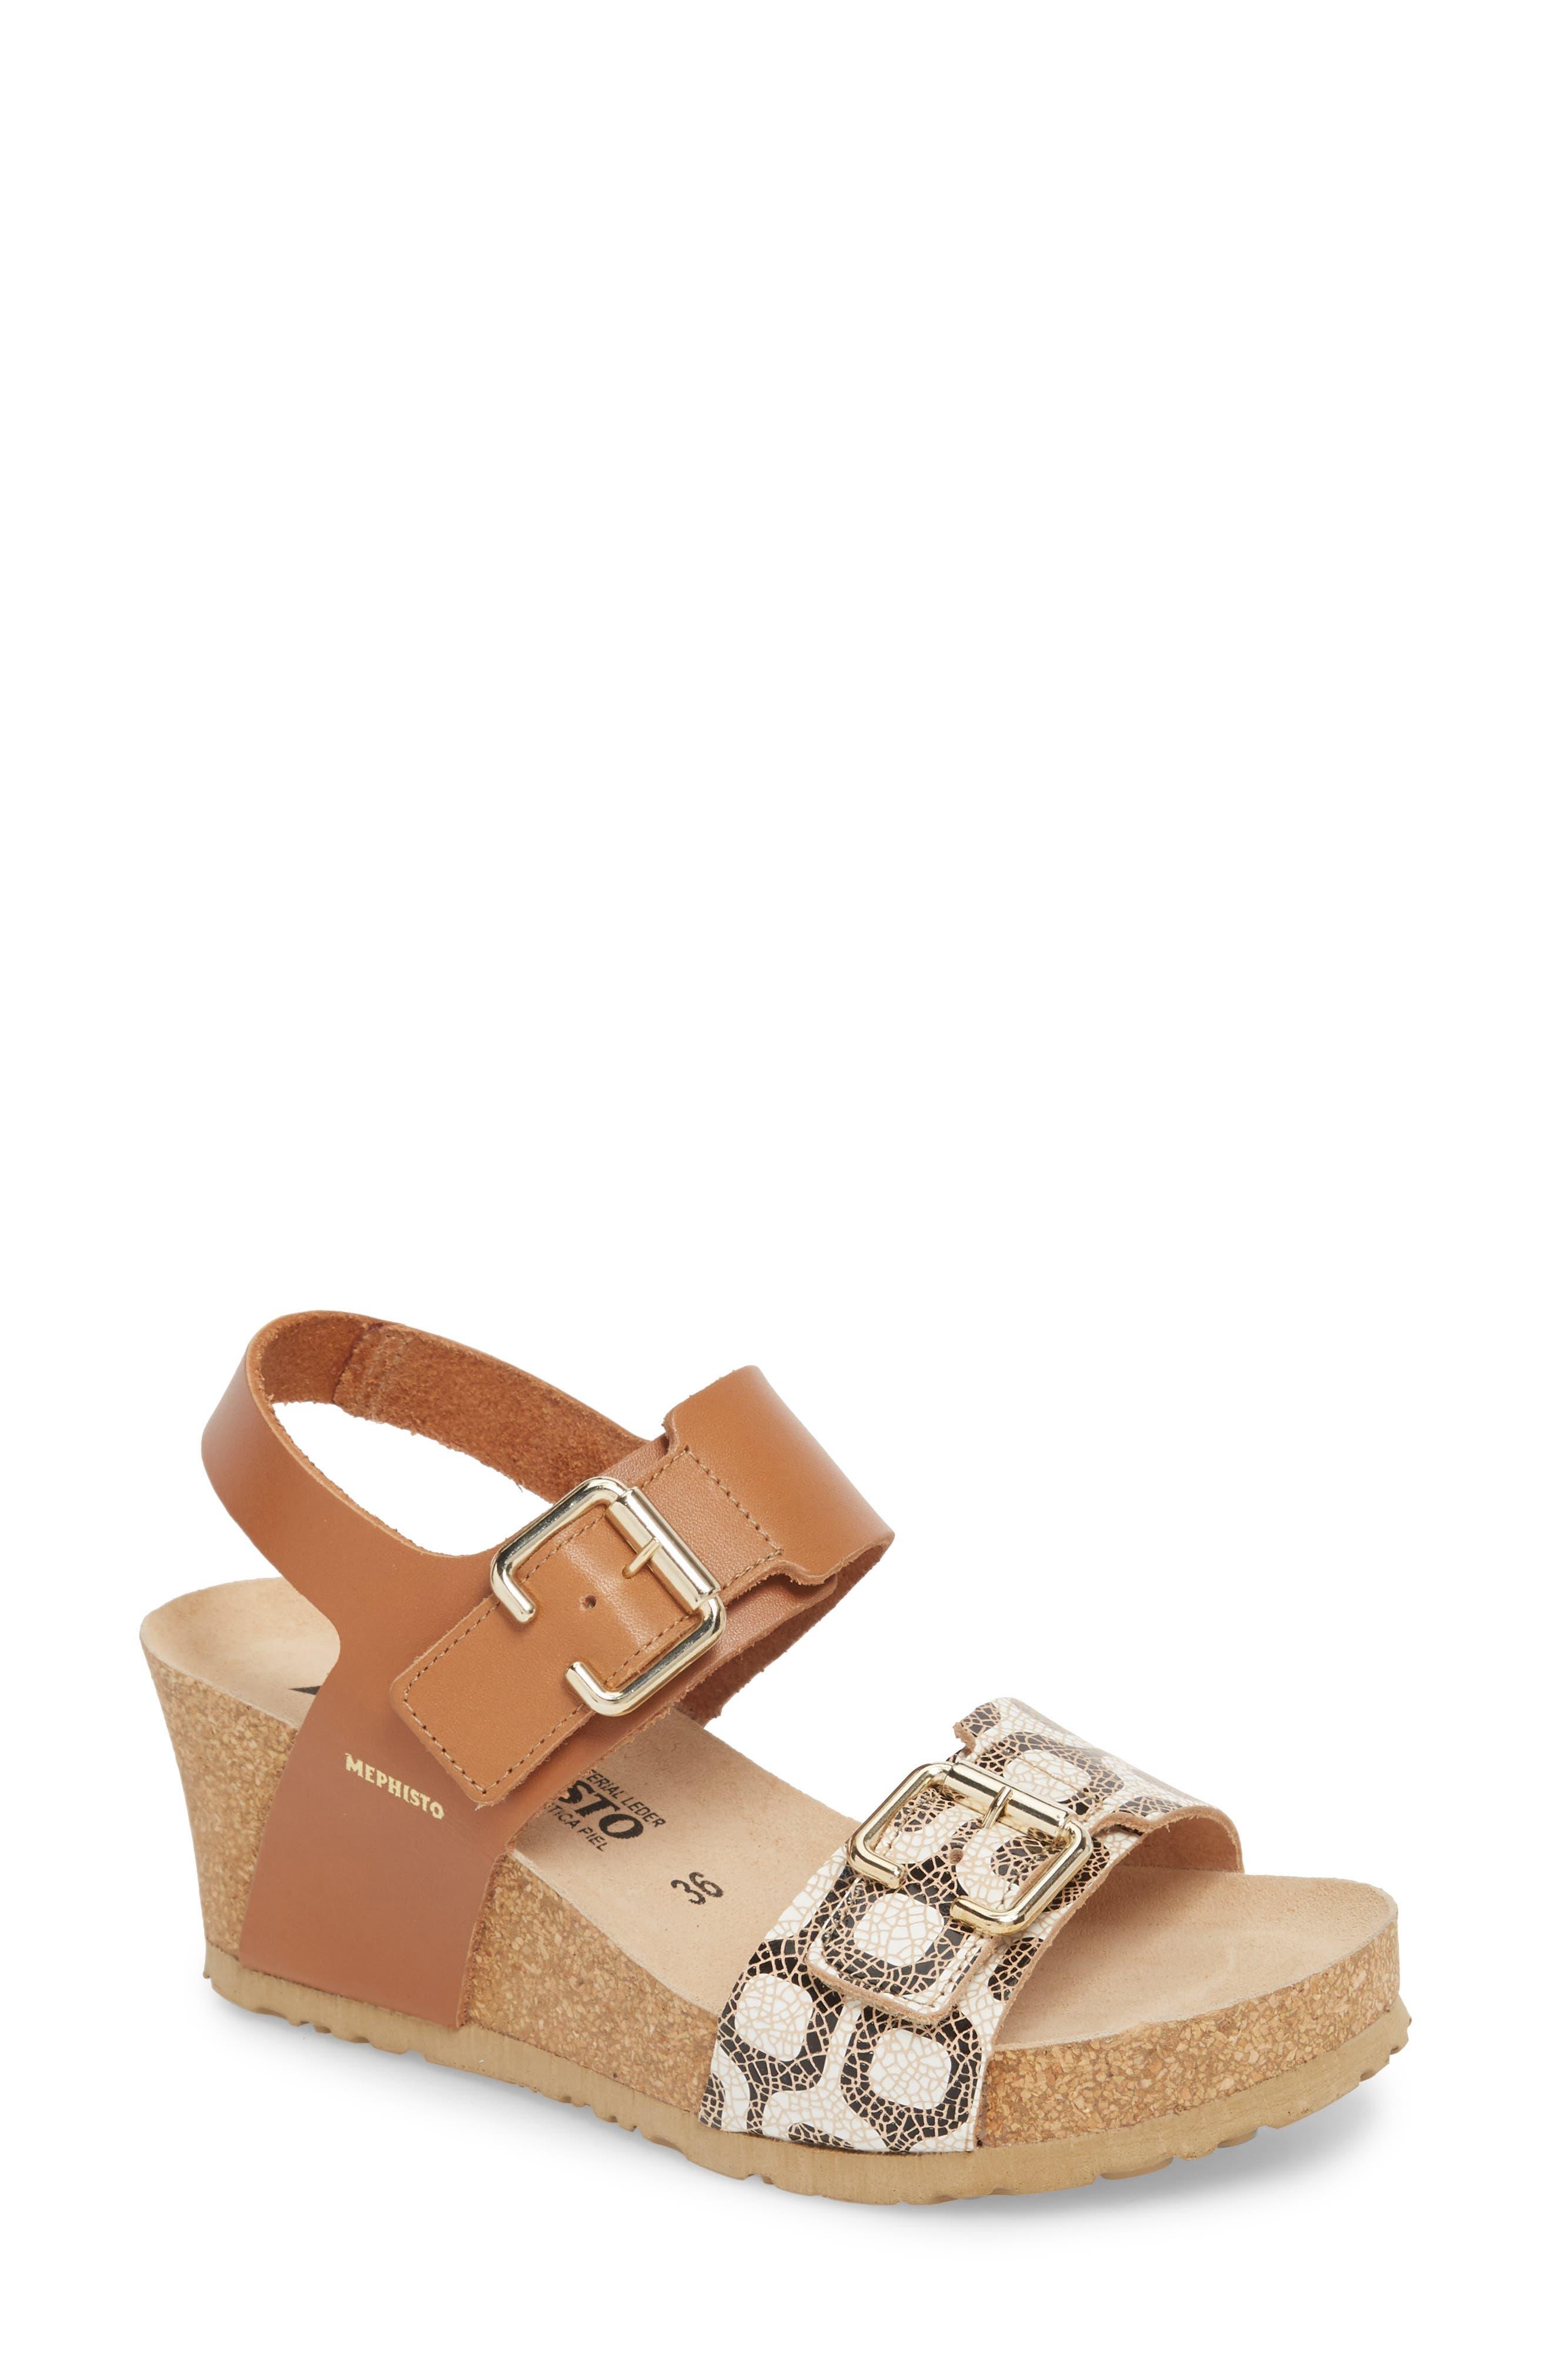 Lissandra Platform Wedge Sandal,                         Main,                         color, Camel